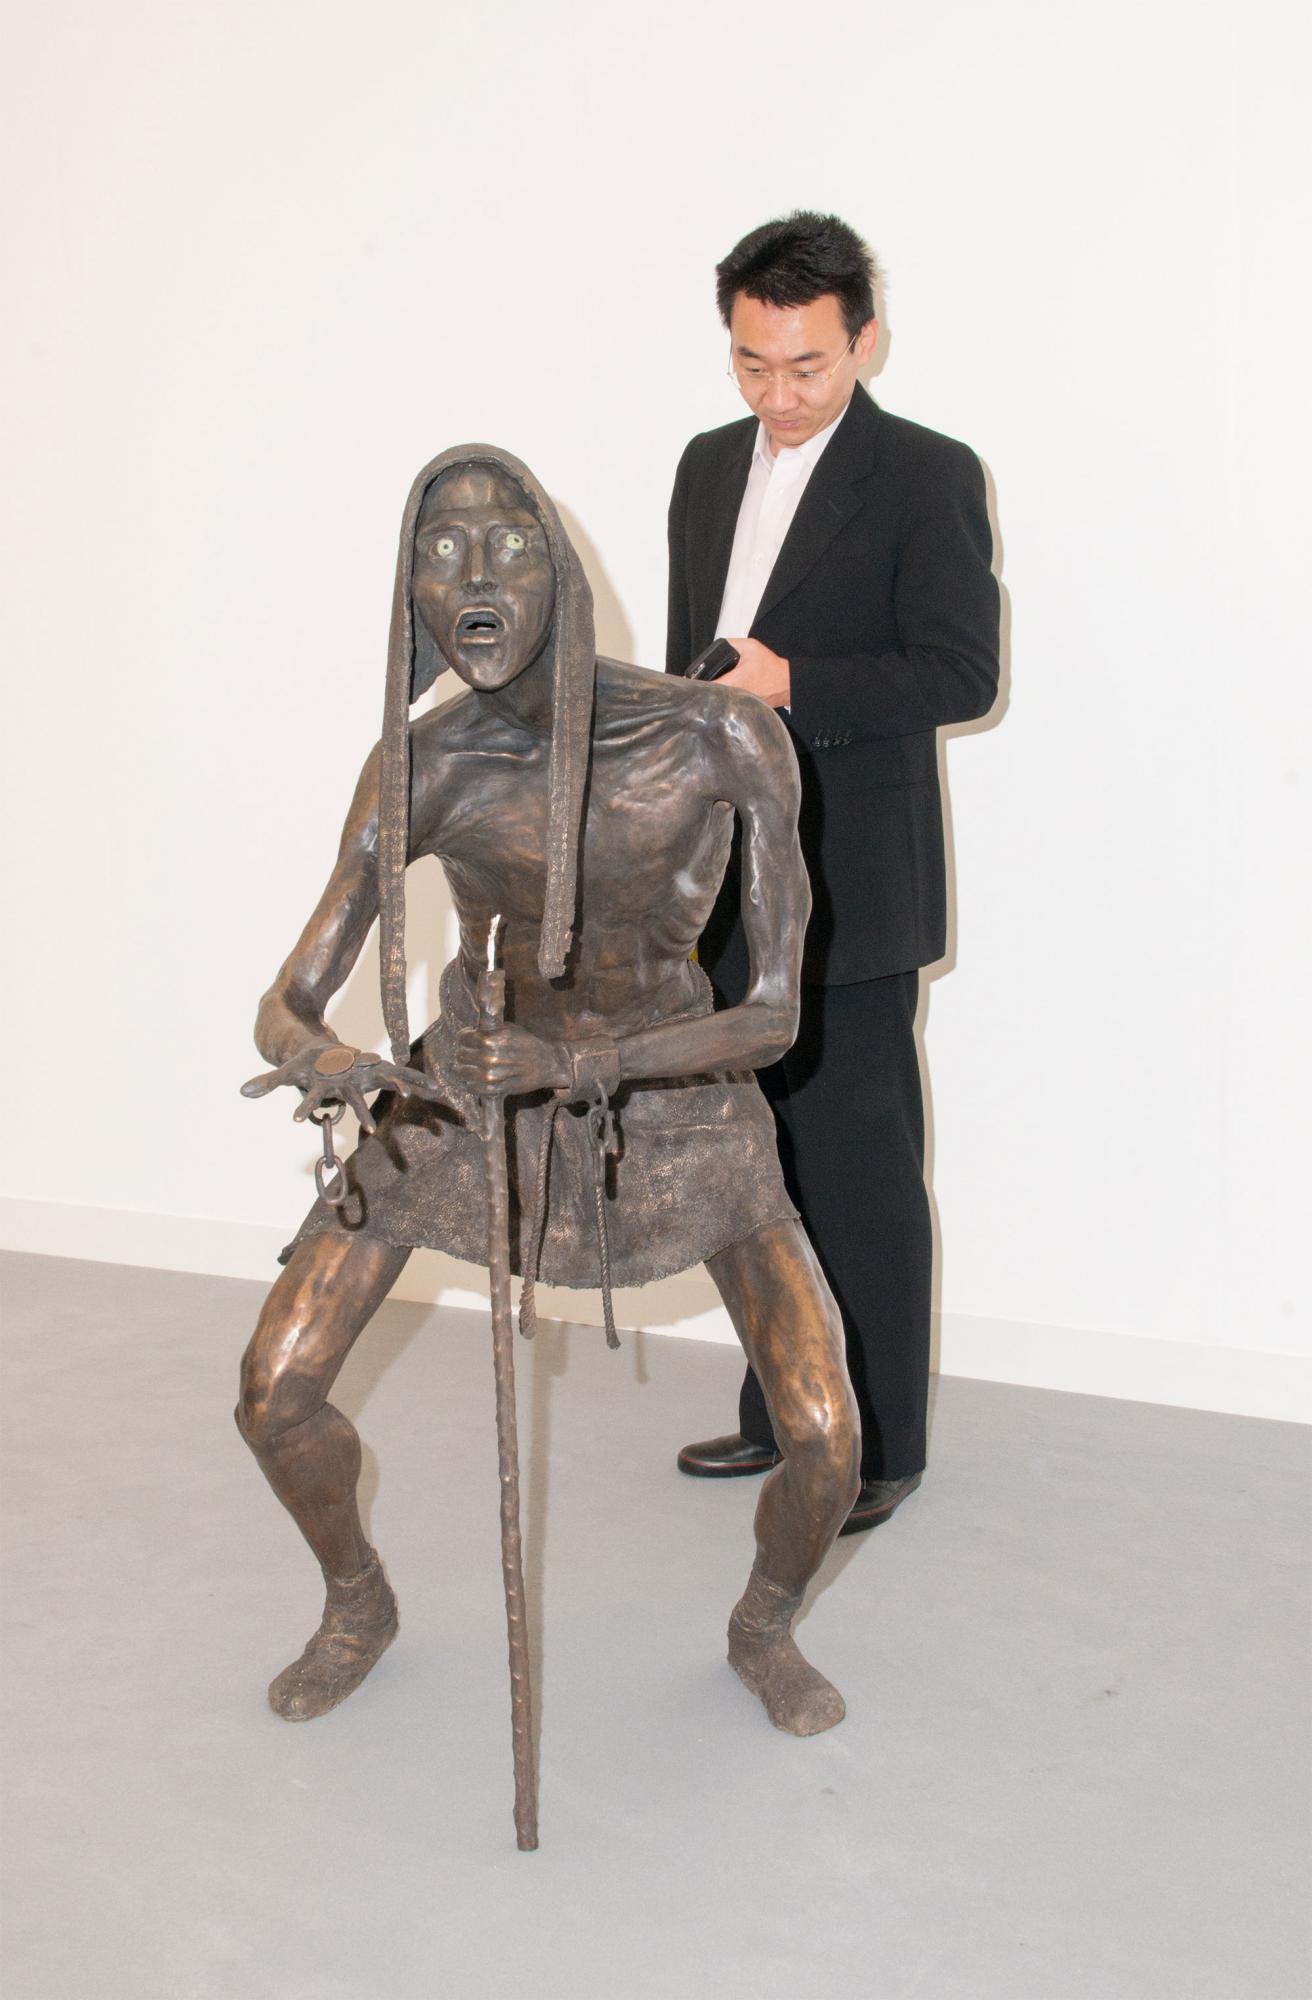 Daniele Milvio at Federico Vavassori